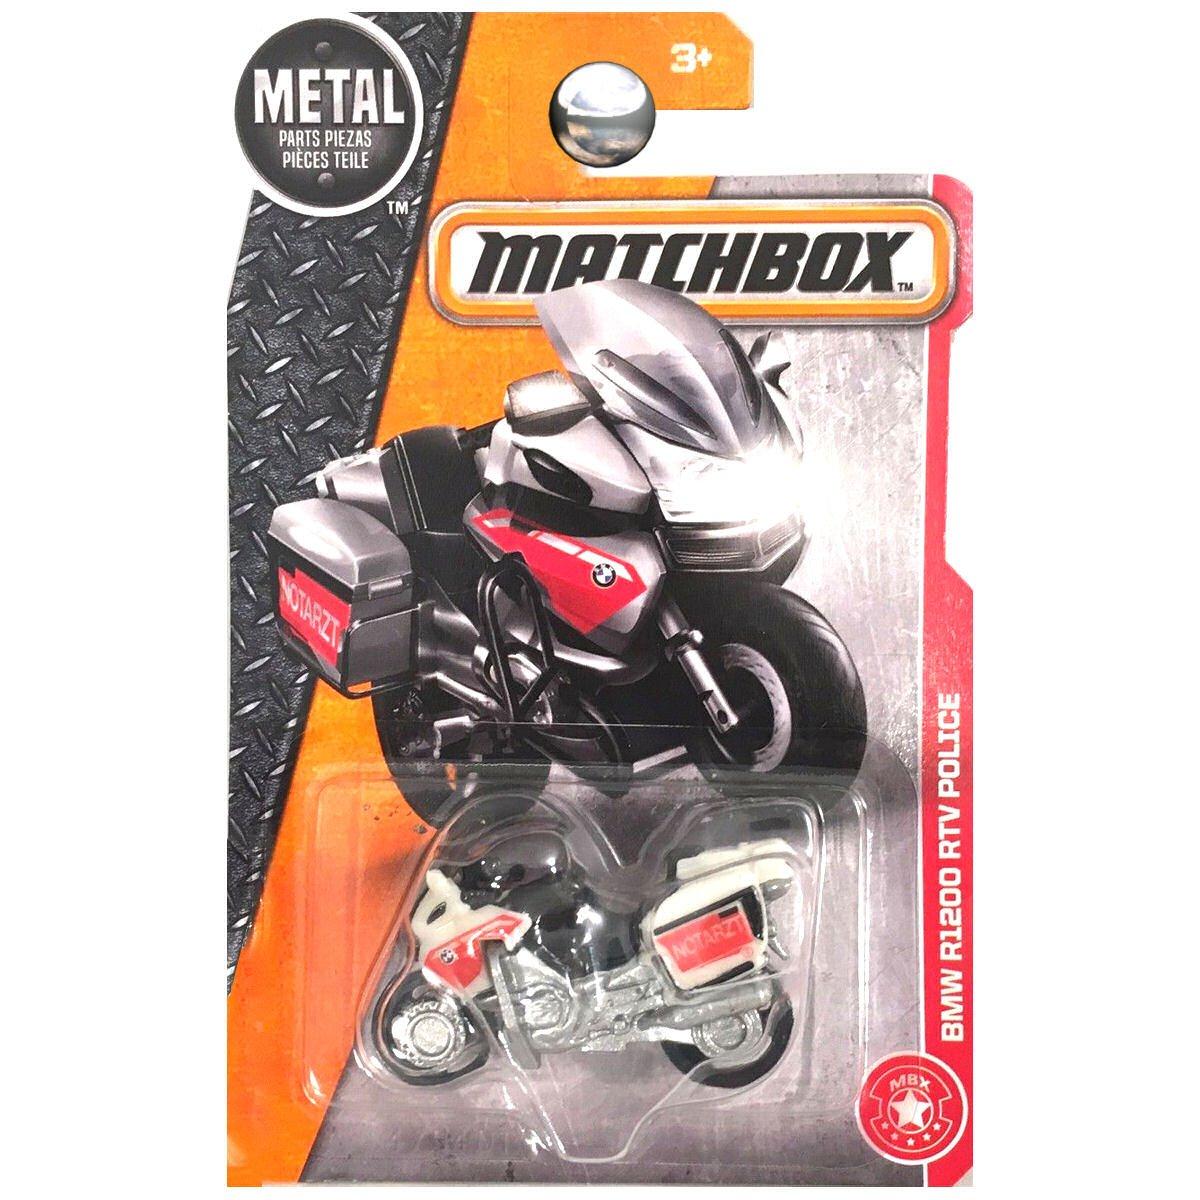 Motorcycle White MATTEL SG/_B00OU10FVE/_US Matchbox 2017 MBX Heroic Rescue BMW Model R1200 RTV Police 78//125